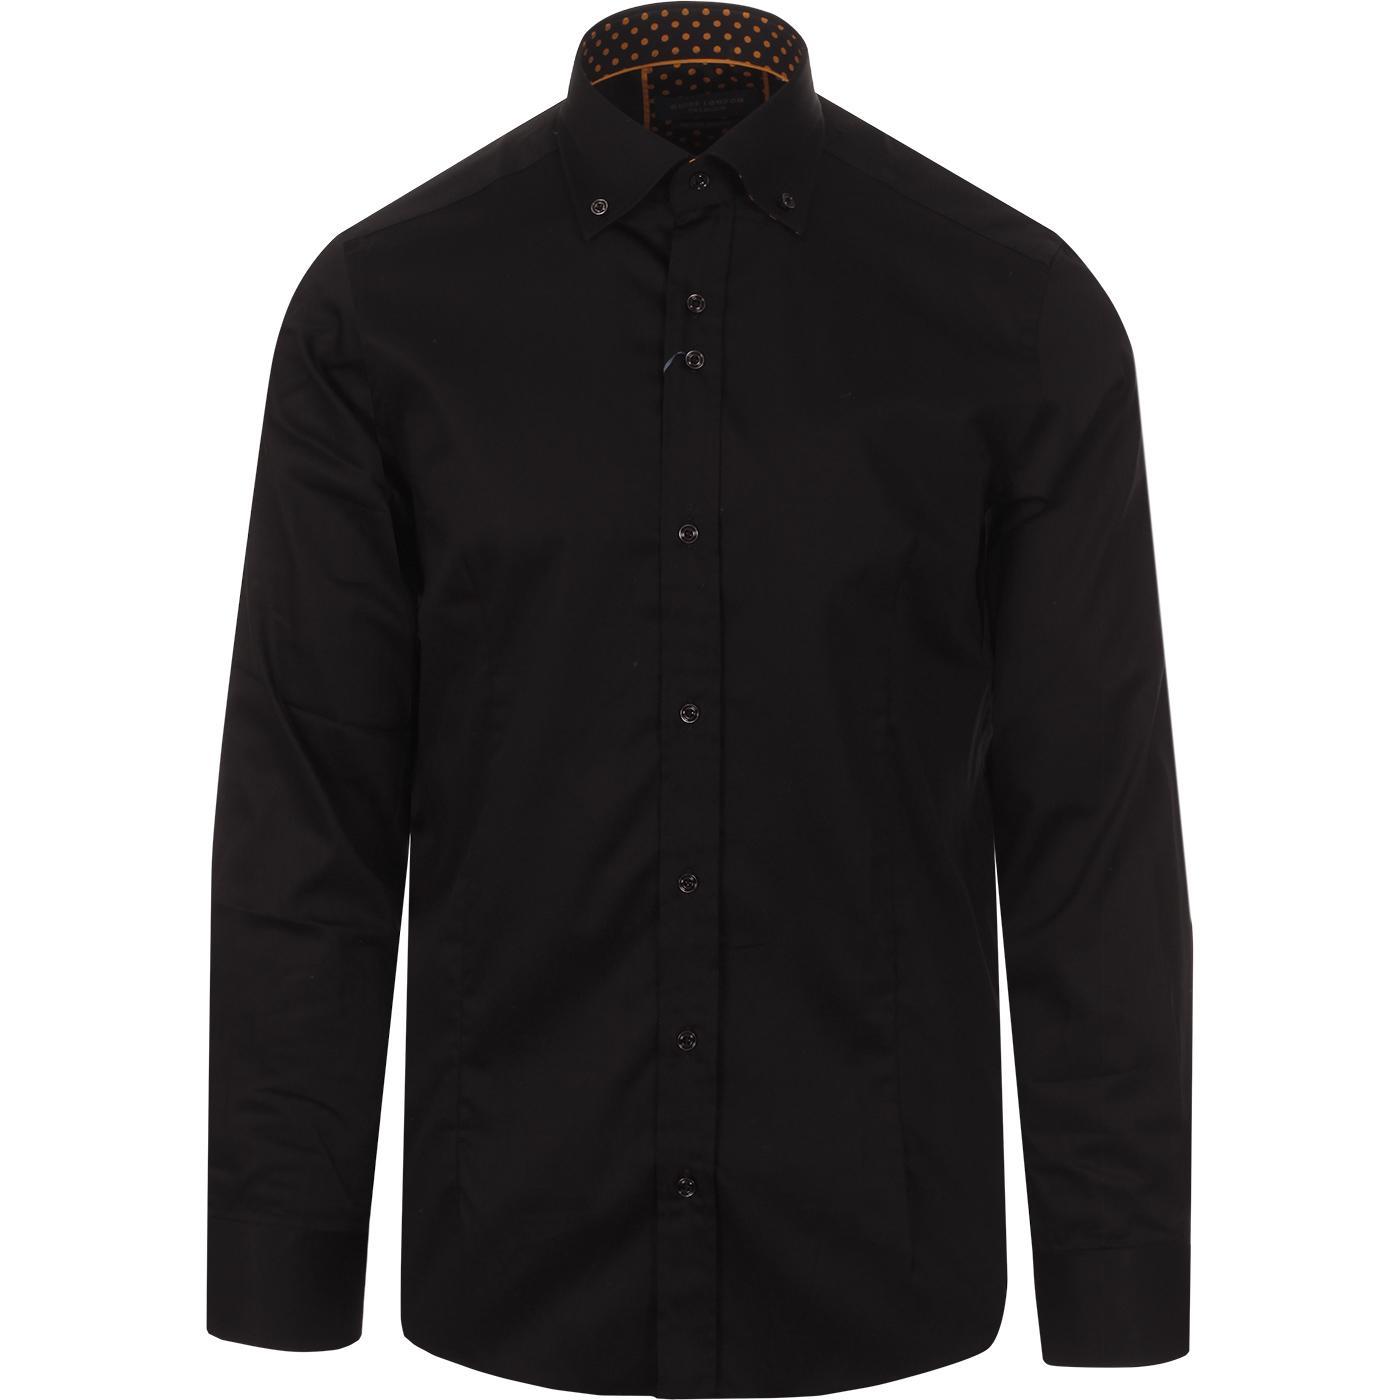 GUIDE LONDON Smart Plain Shirt w/ Polkadot Trim B